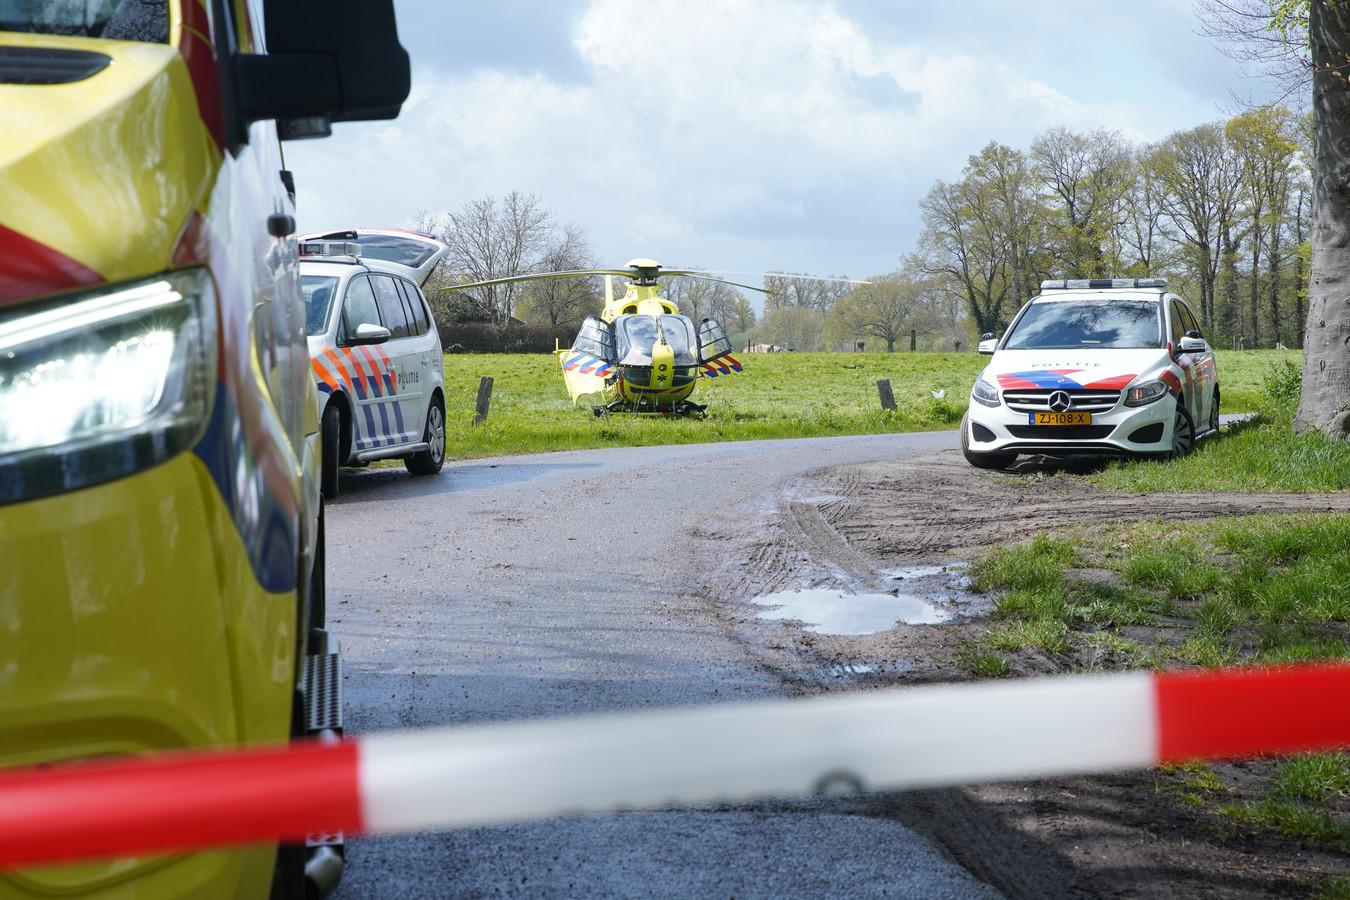 Vanmiddag vond er in Empe een ongeval plaats met een paard bij een manege op de Ganzenkolk in Empe.